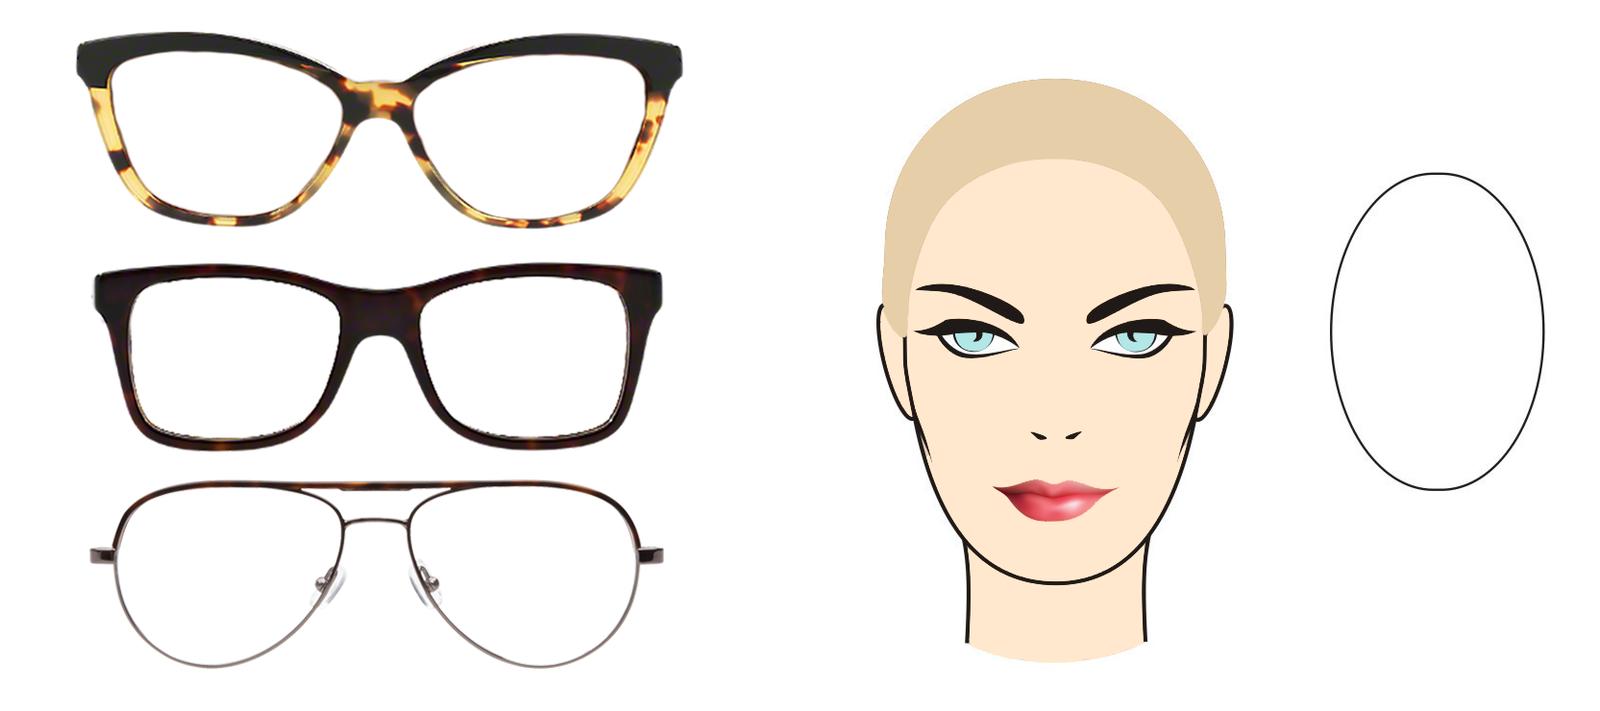 Как выбрать очки по форме лица Очки, Форма лица, Аксессуары, Мода, Оправы ad8e5dbaafd